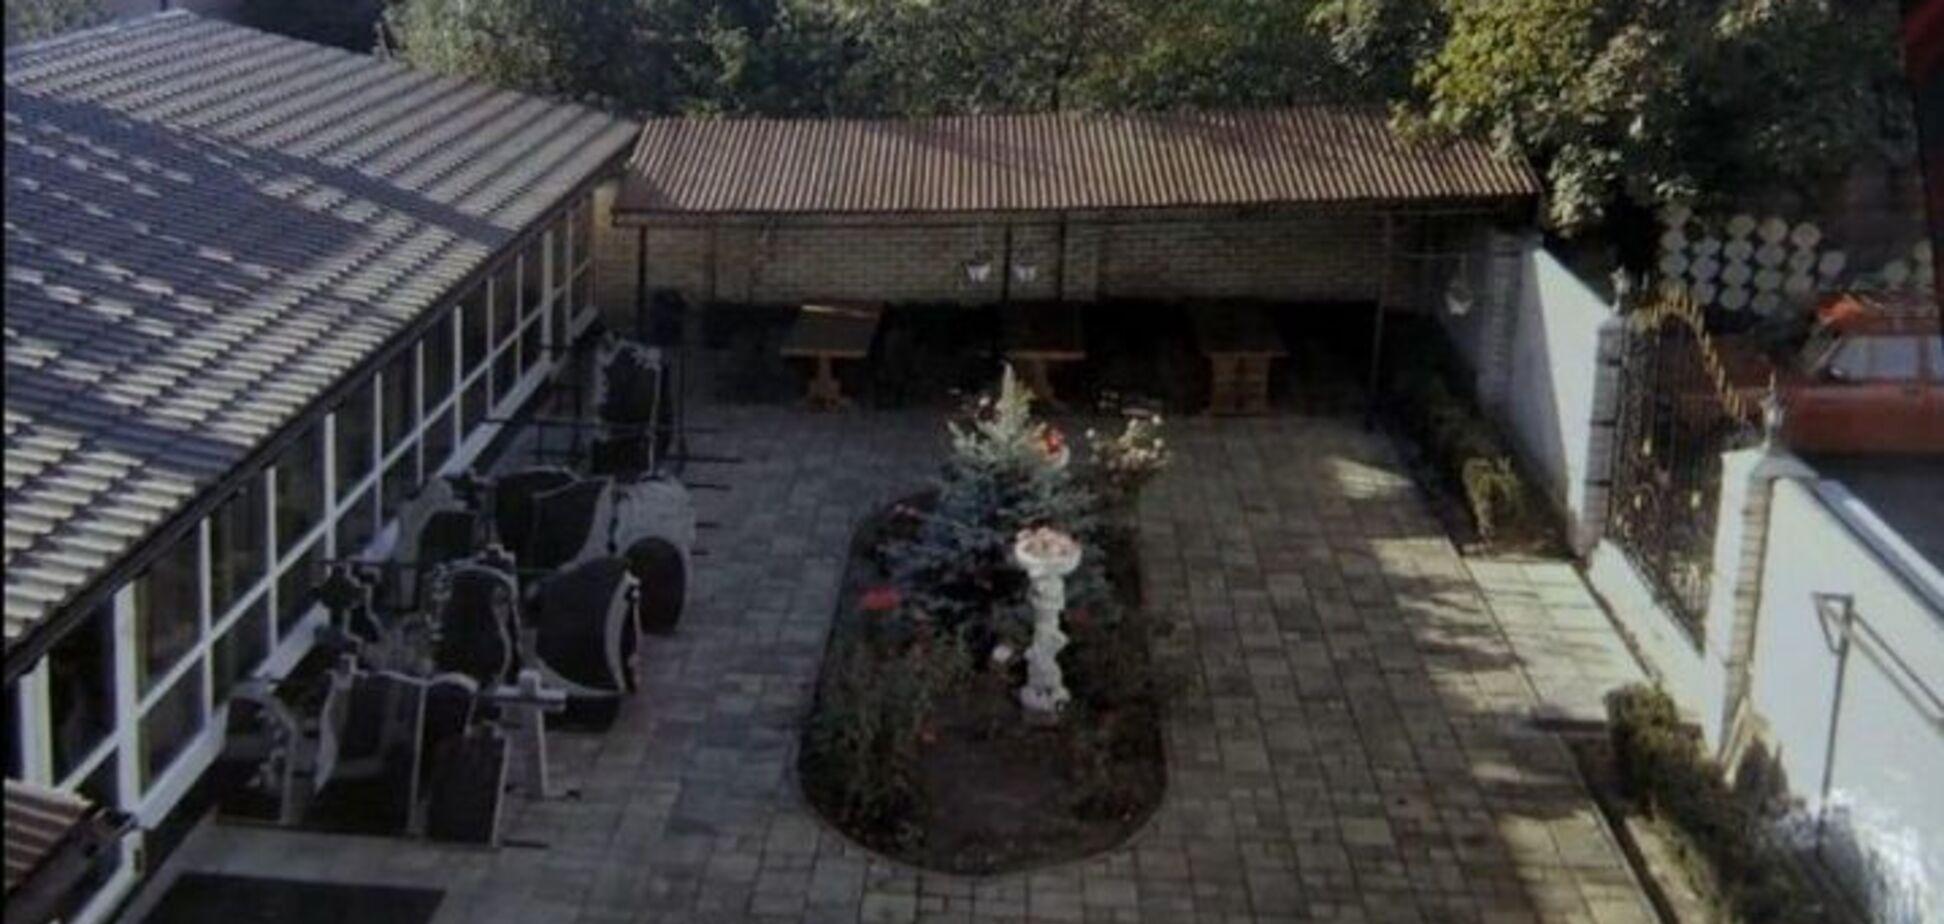 В Киеве мужчина устроил похоронный дом 'Память' в собственном доме. Видео